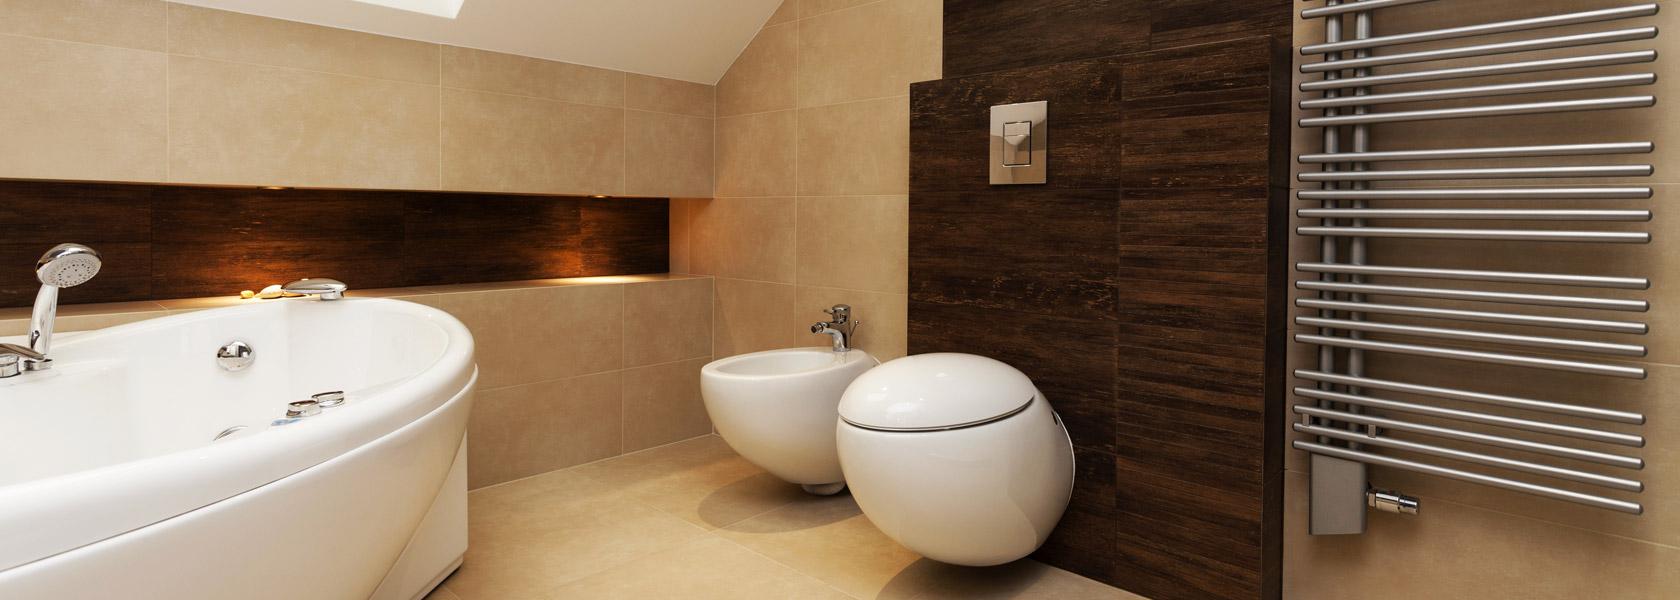 Badkamer Renoveren Amsterdam | De badkamer renovatie specialist